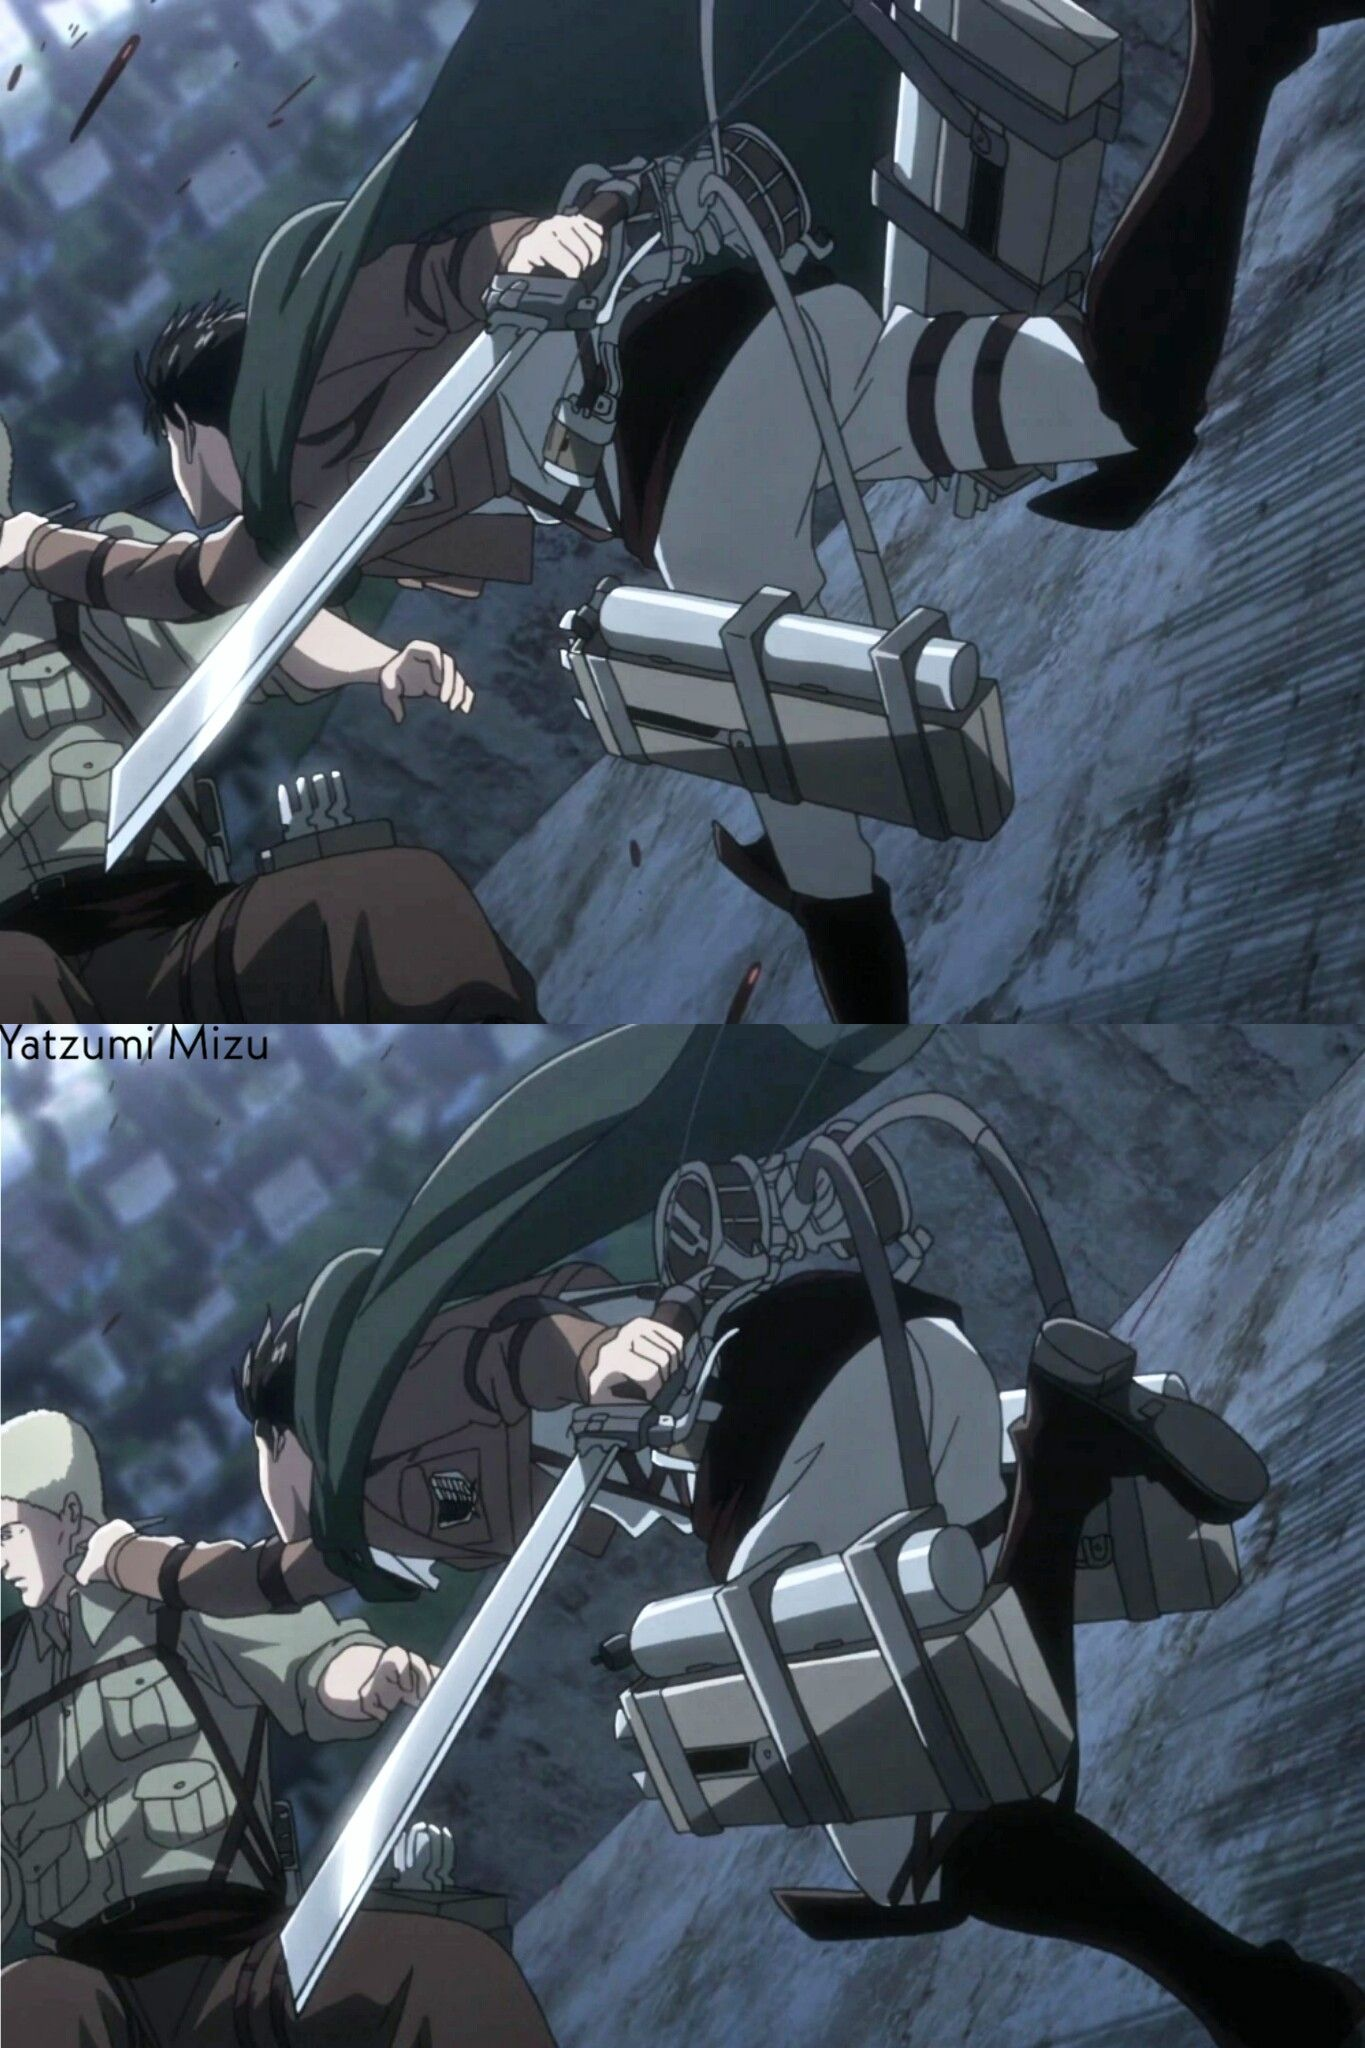 Levi Ackerman AoT season 3 Kyojin, Shingeky